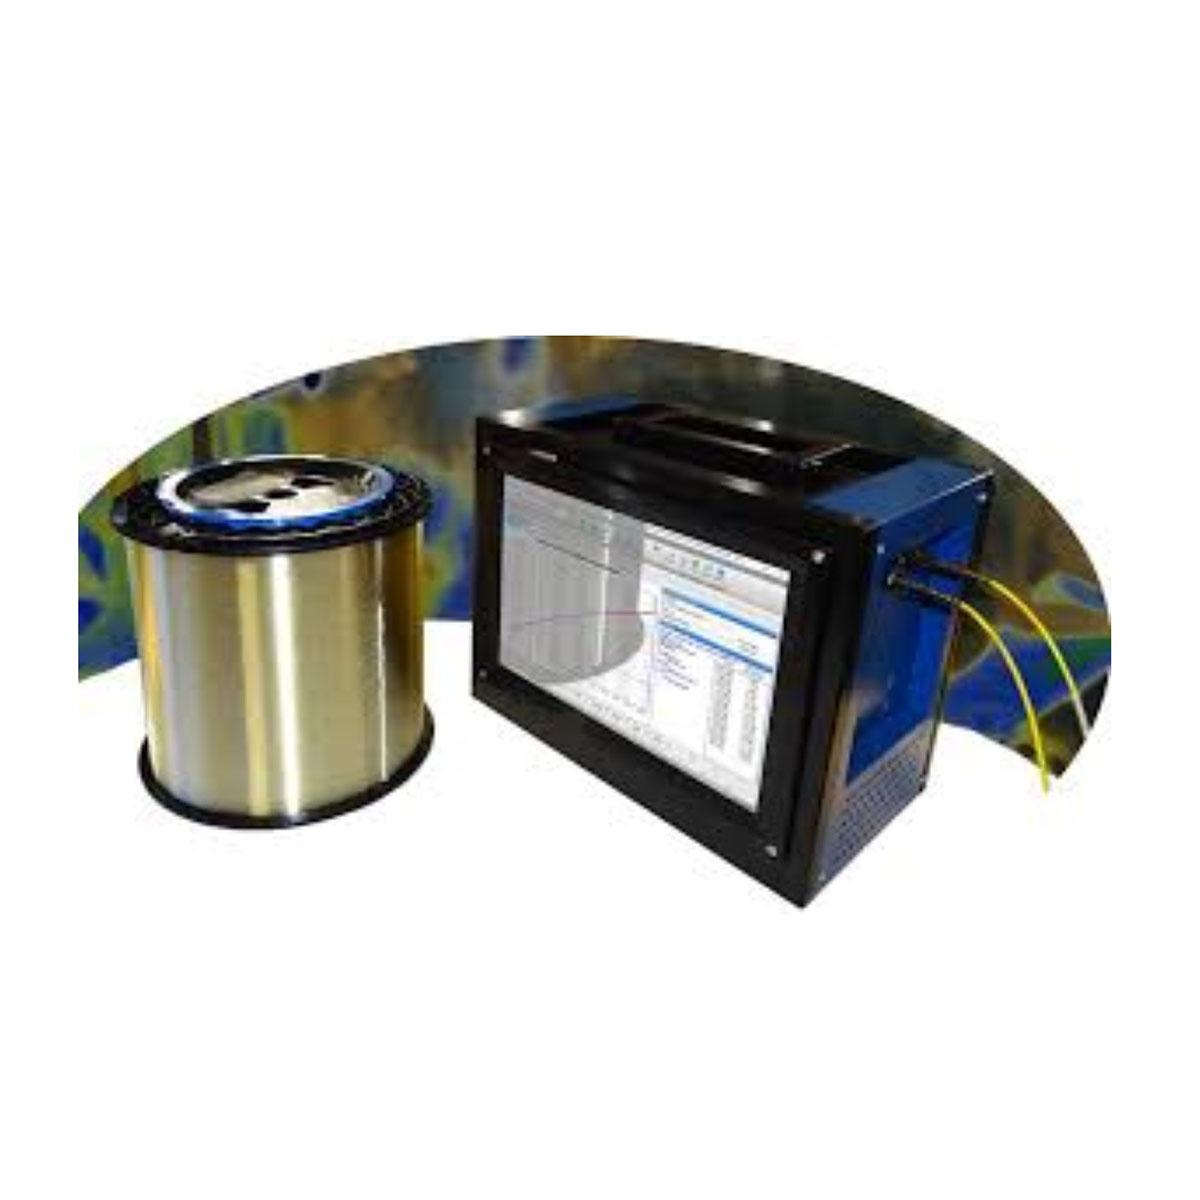 Medicion de Dispersión Cromatica de fibra óptica PE Fiberoptics FP5000 FP-5000